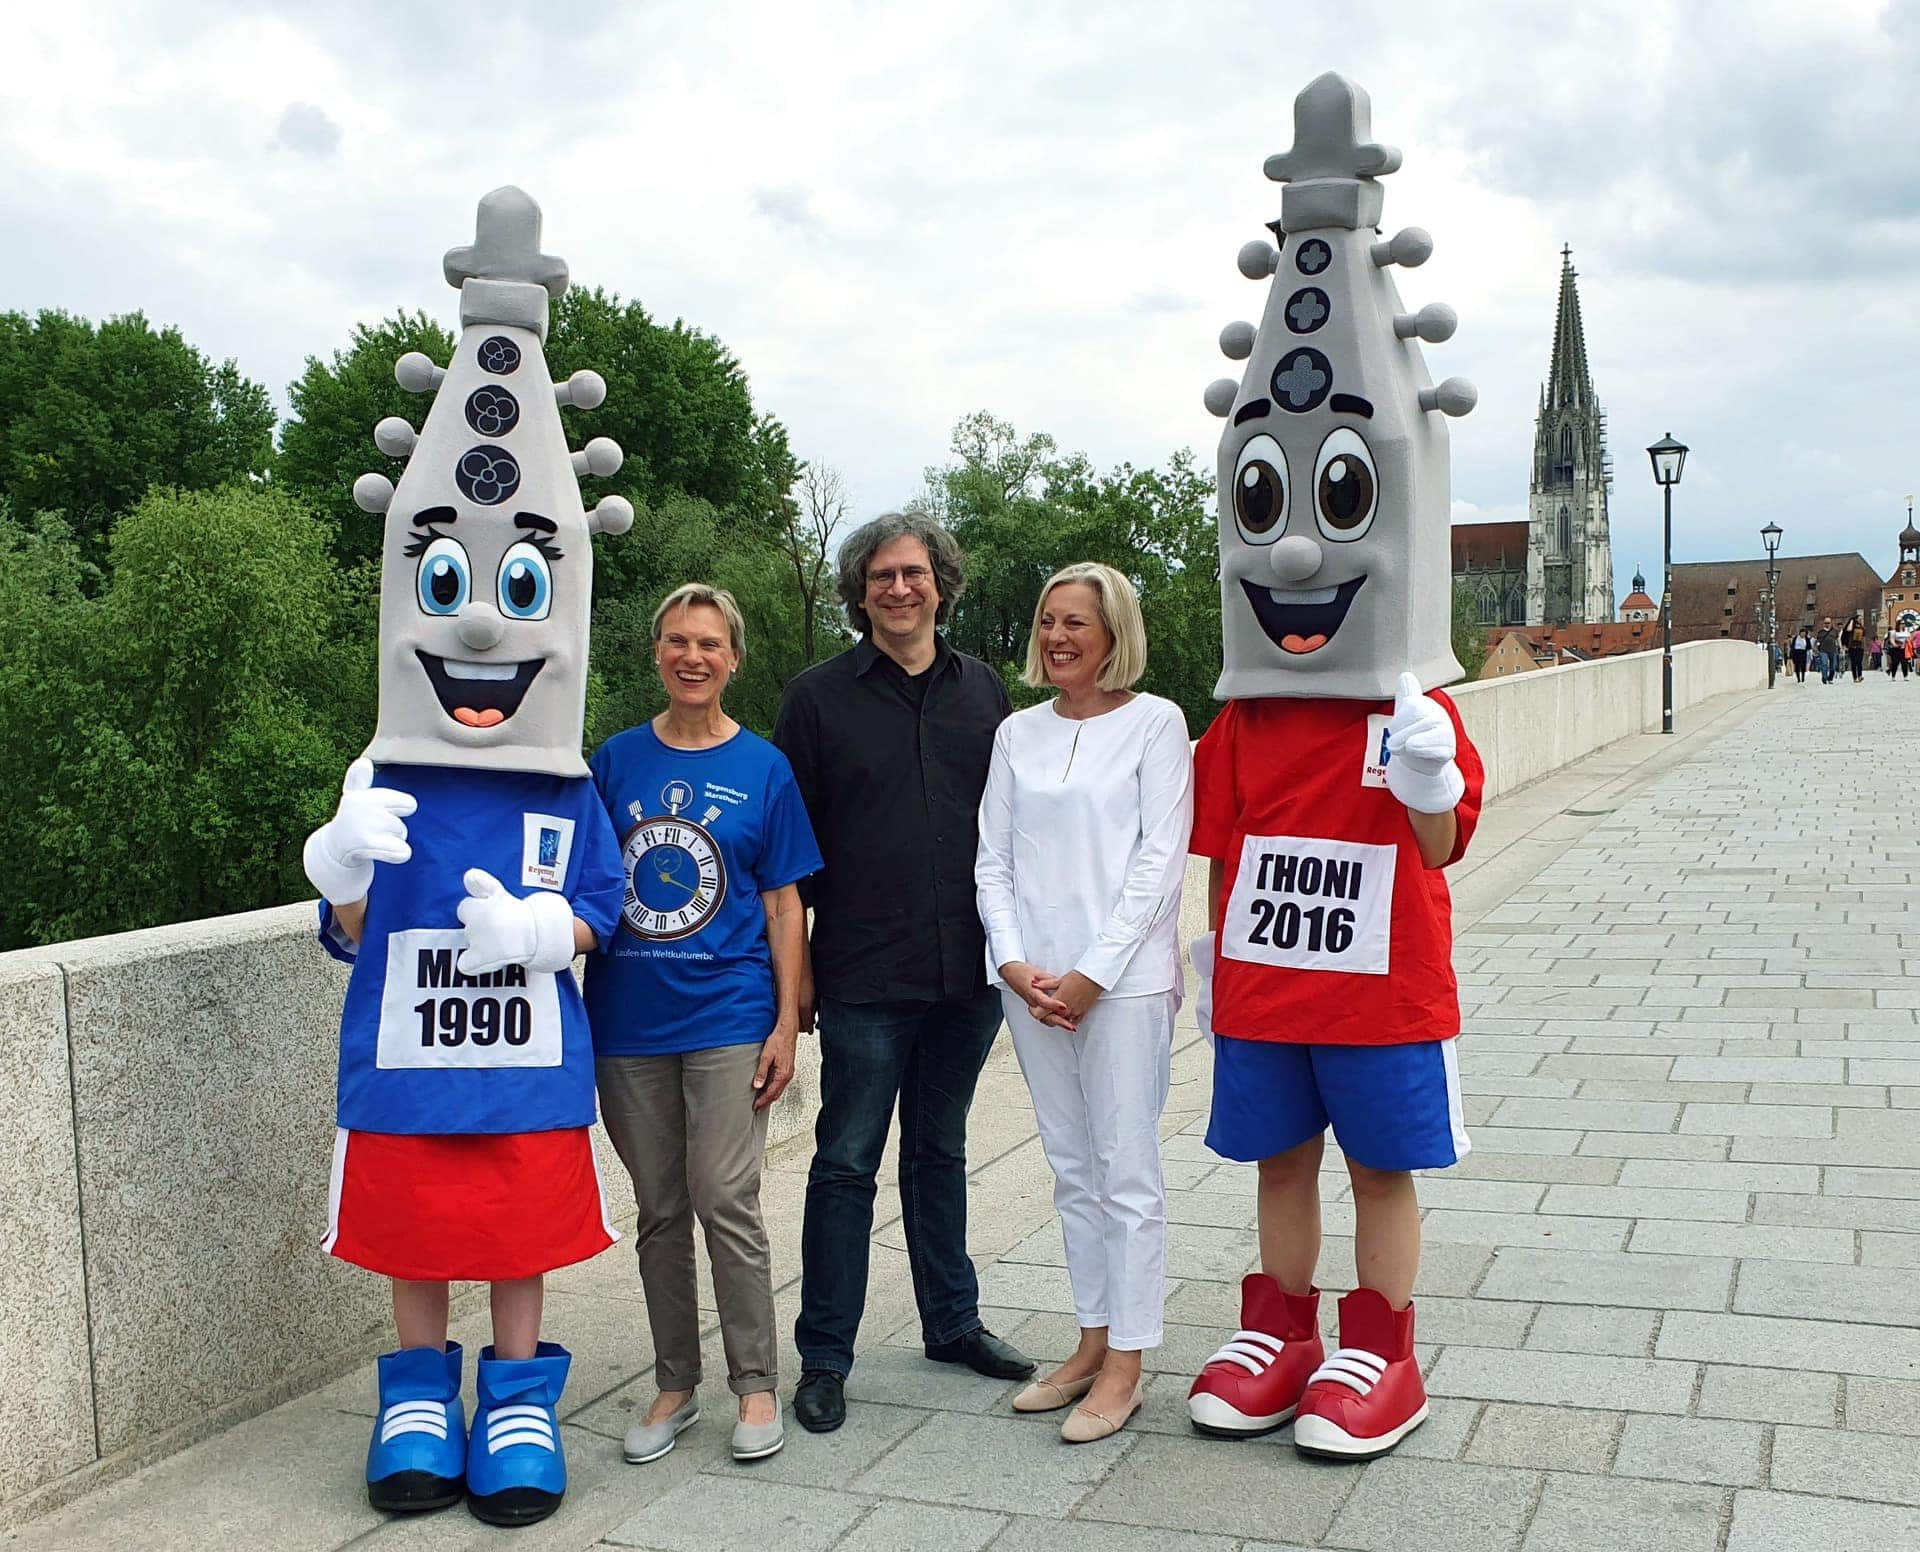 Am 1. und 2. Juni übernehmen die Marathonis zum 28. Mal die Stadt Laufen im Weltkulturerbe